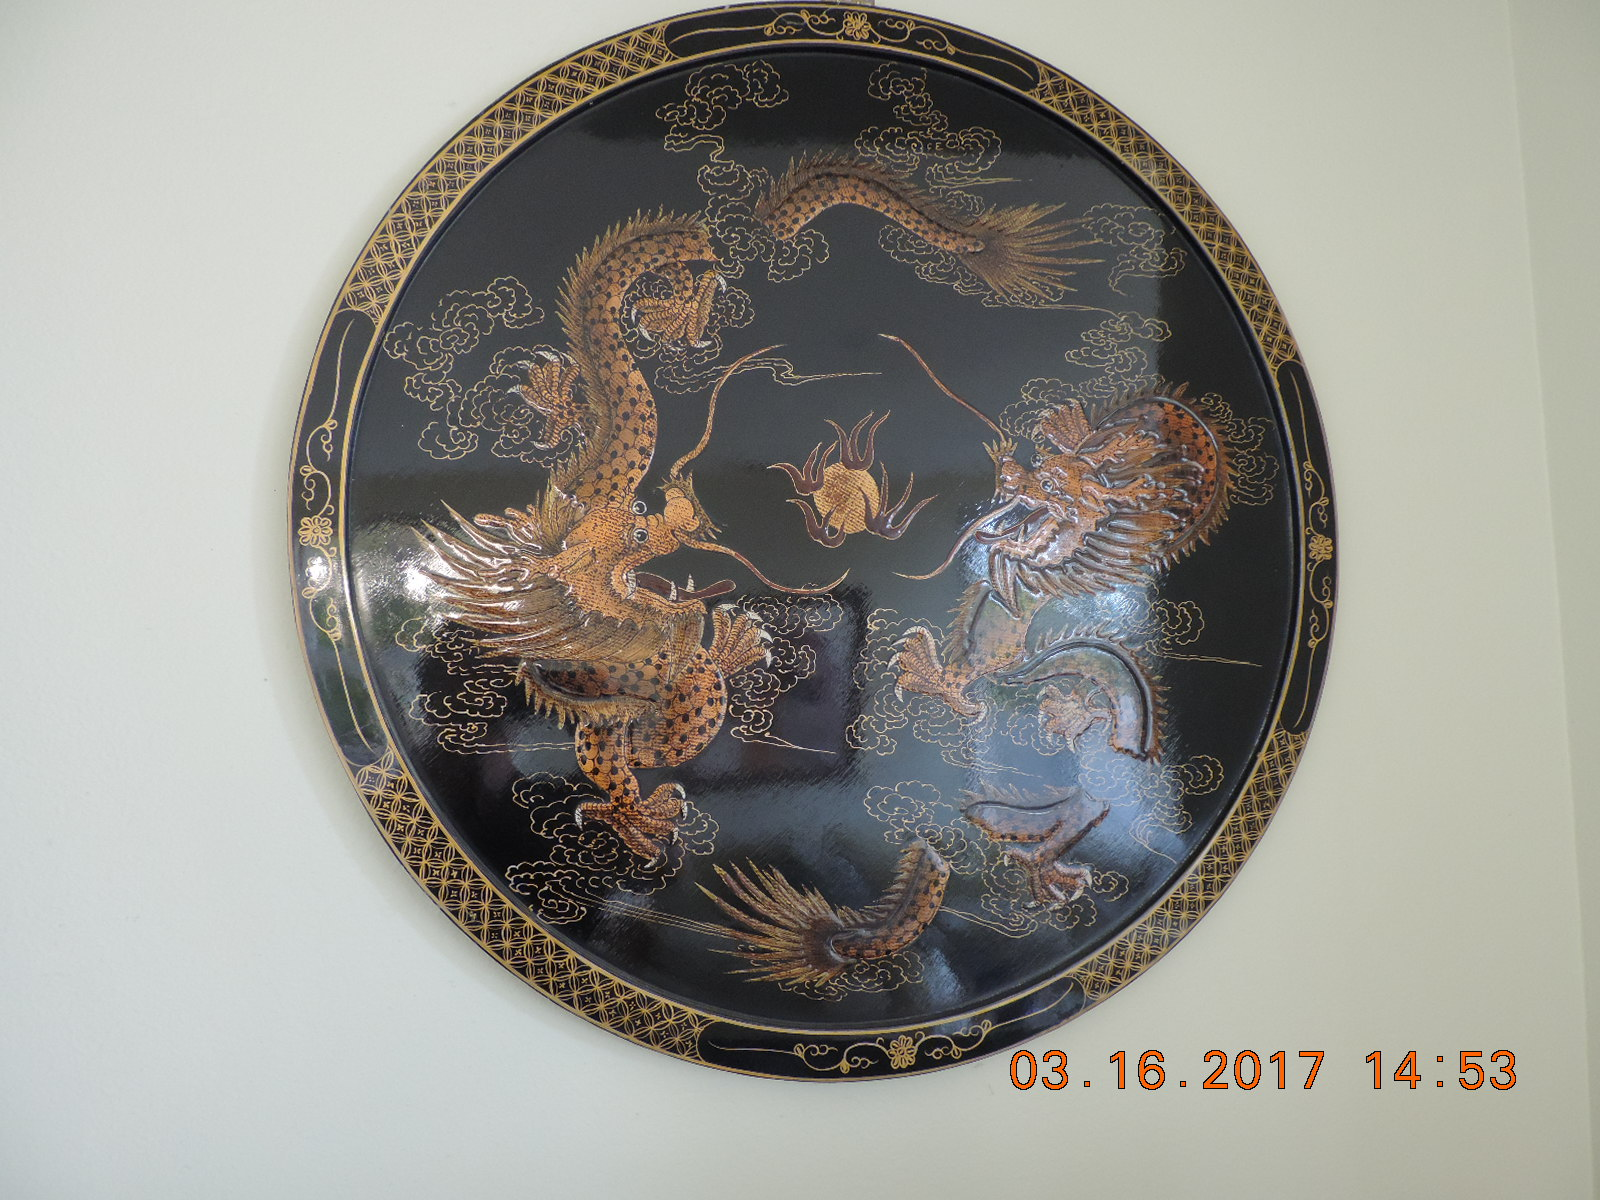 DSCN1817